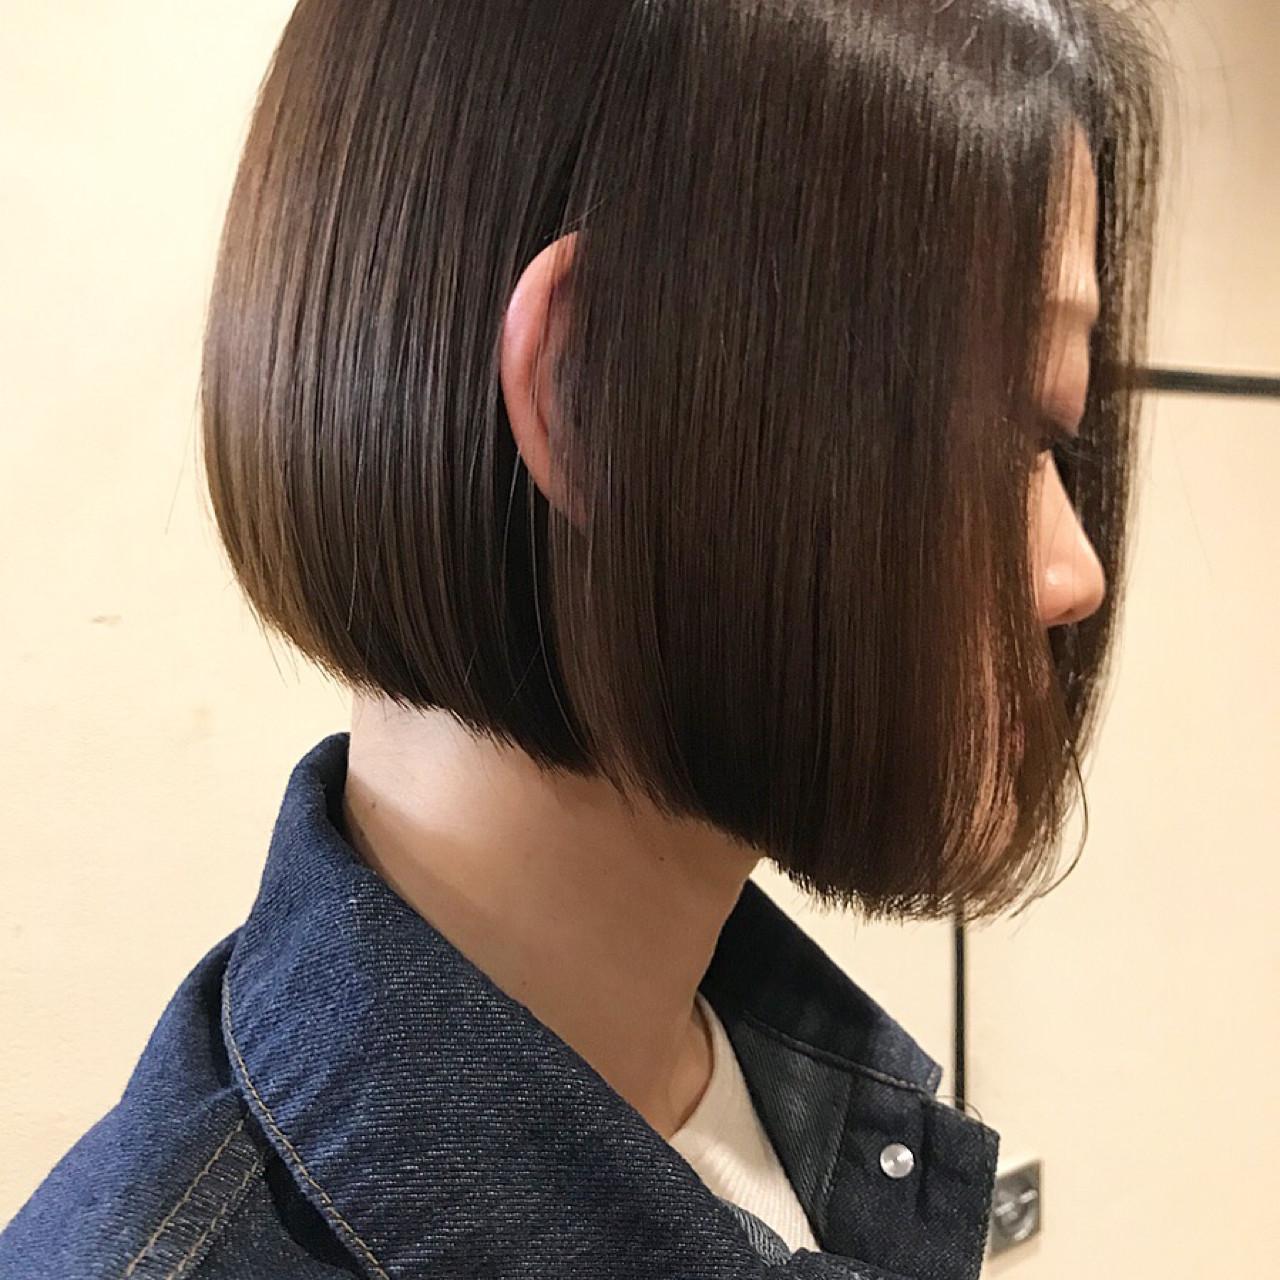 ワンレン風でオフィスOKのヘアスタイルに♡ 難波大和